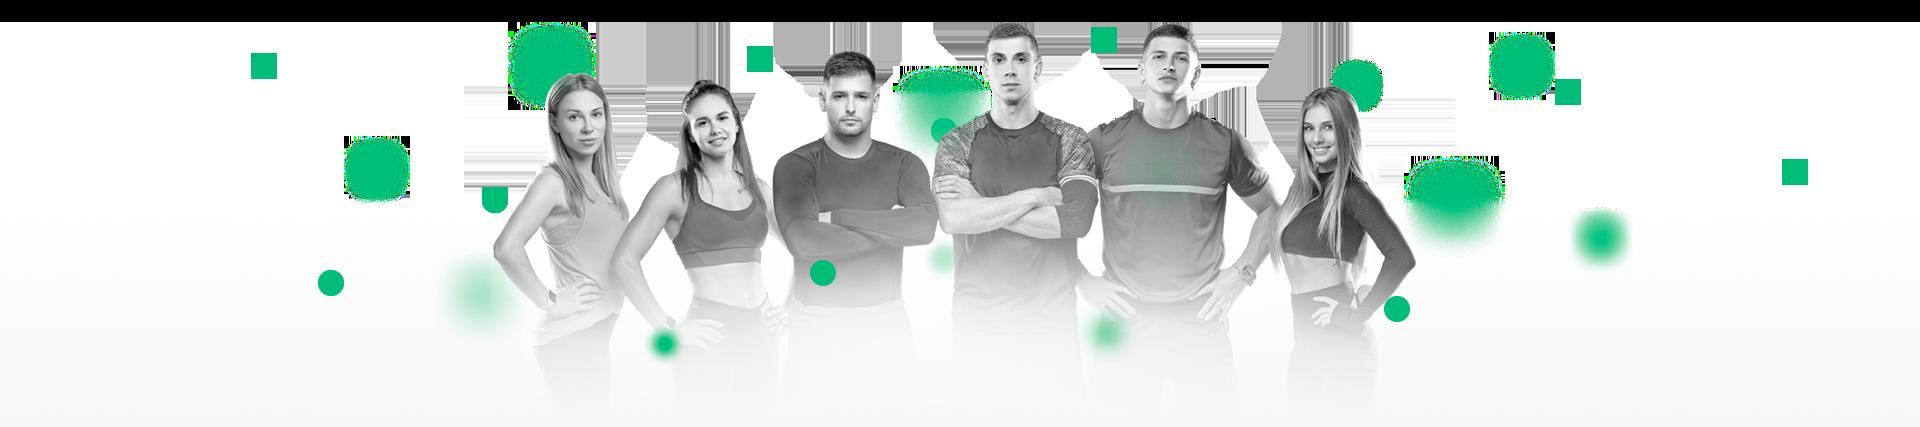 Тренерский состав сервиса онлайн фитнеса